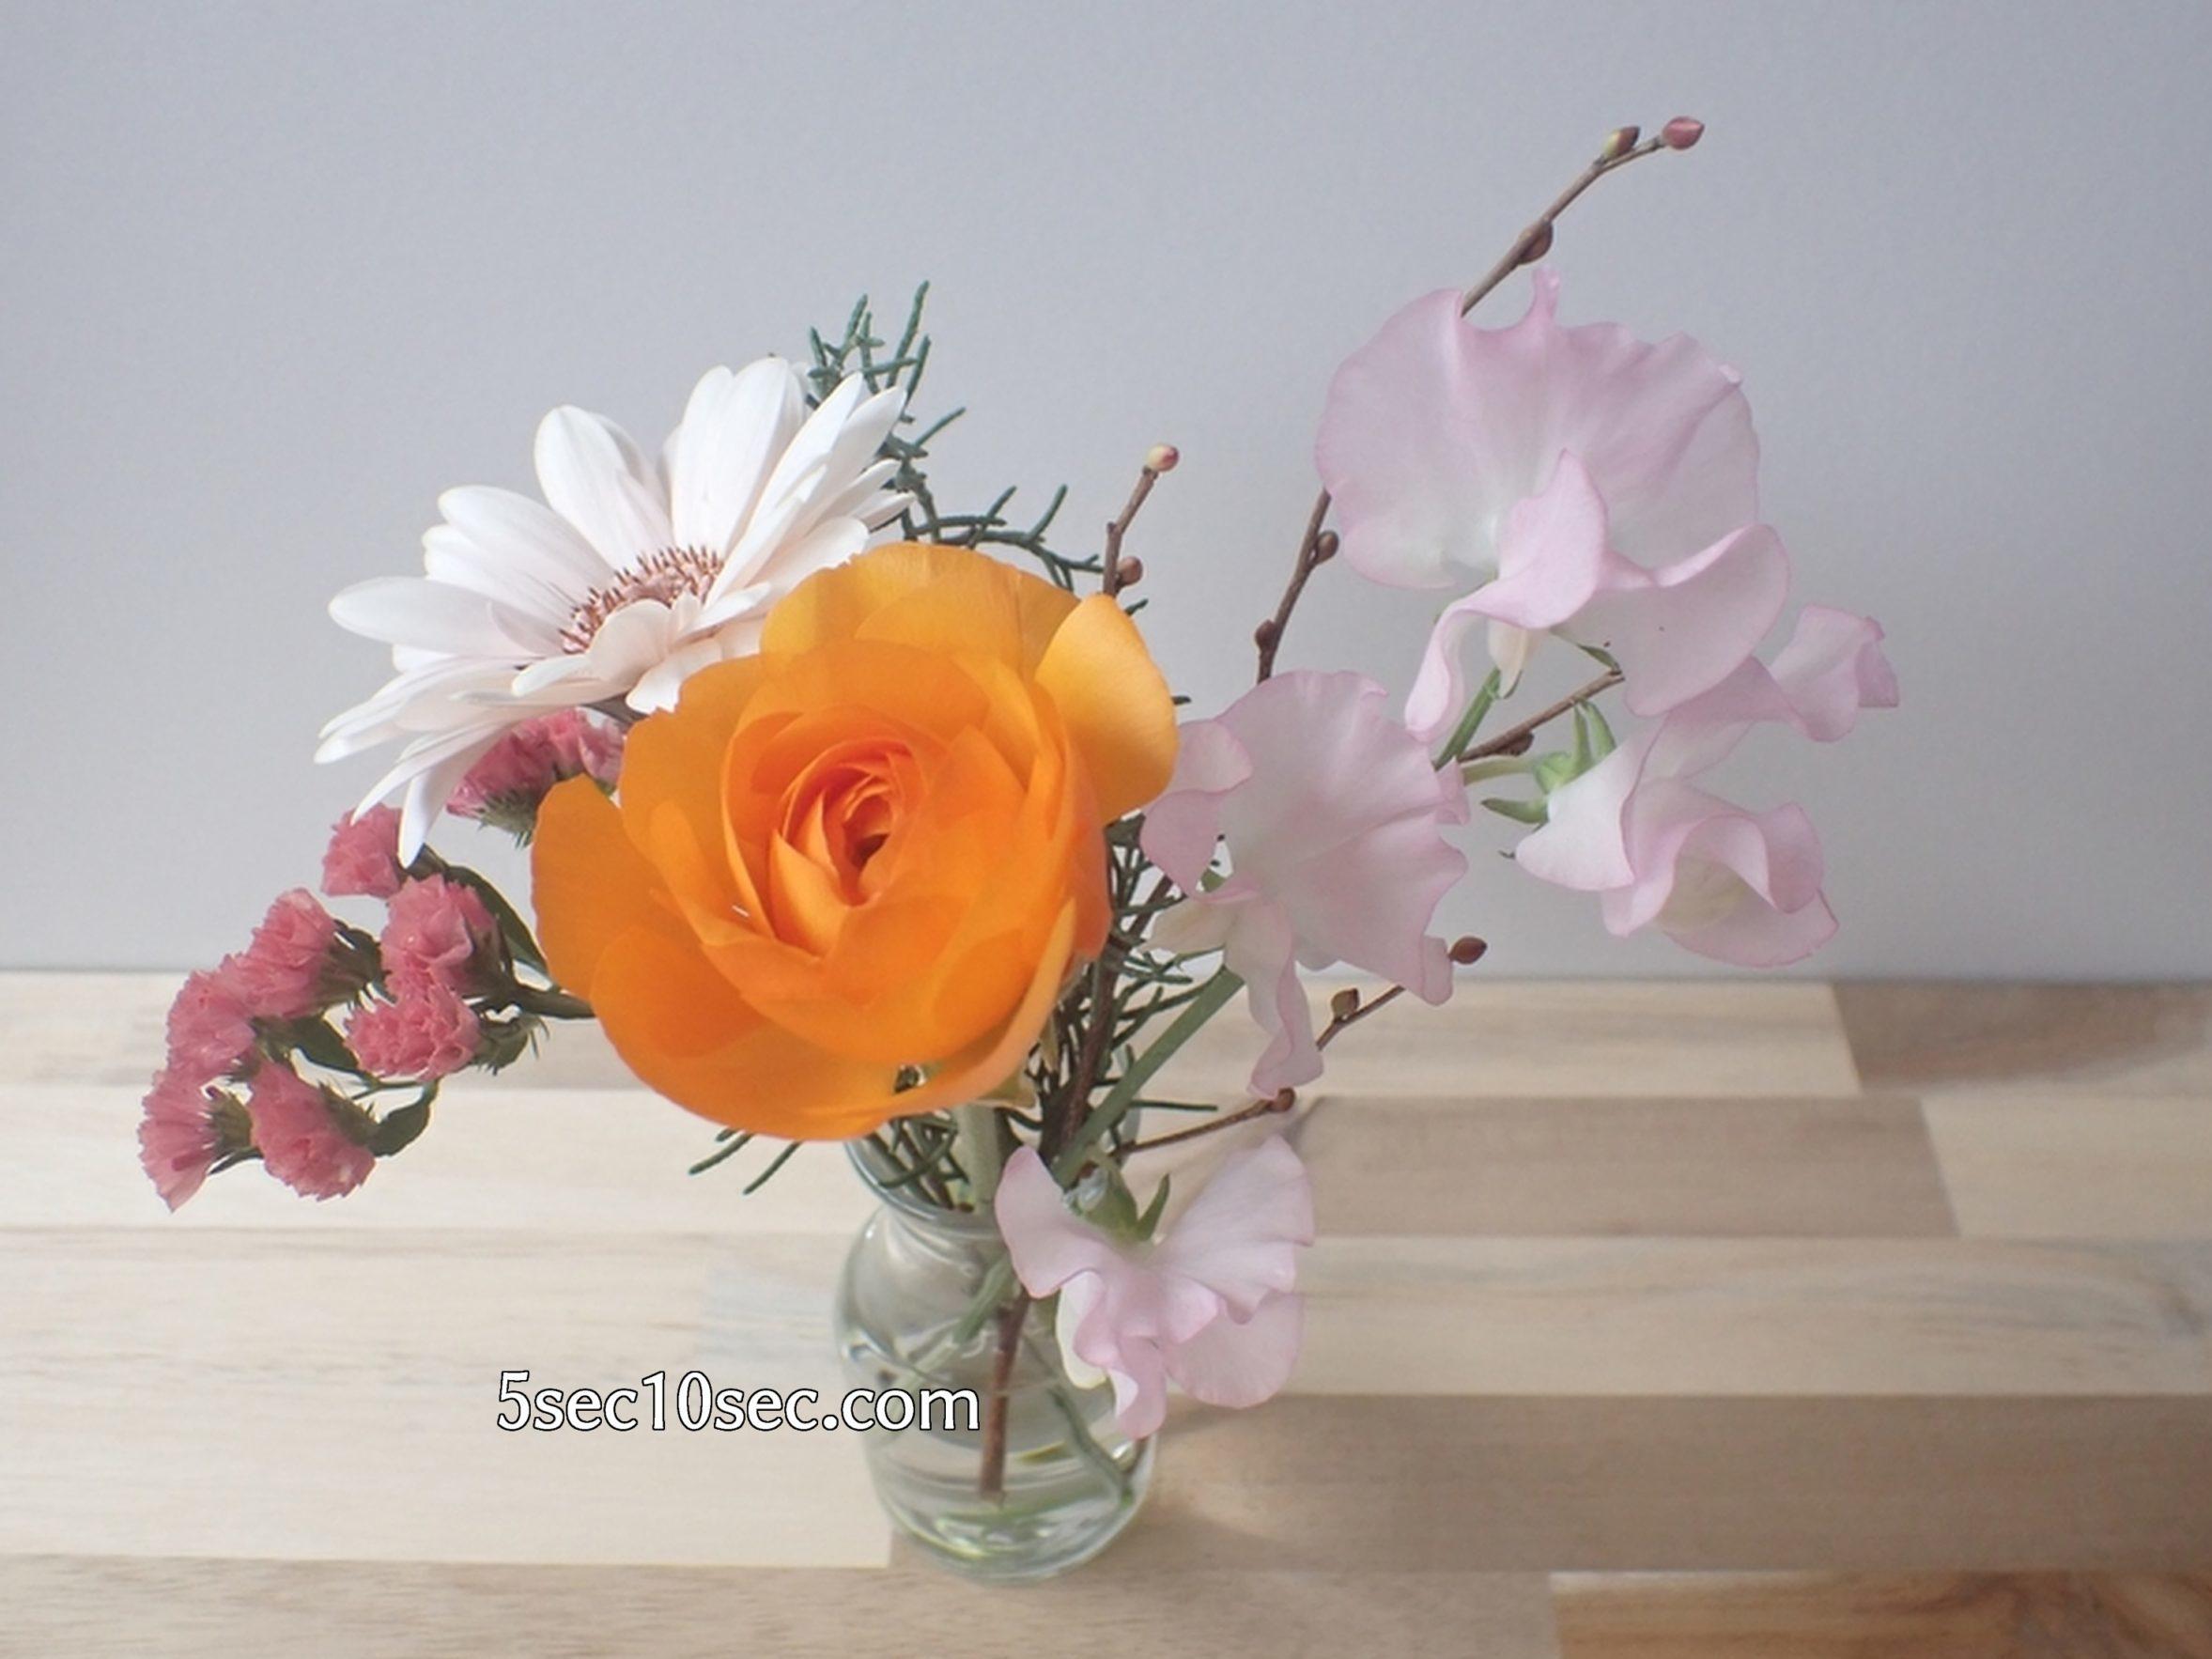 株式会社Crunch Style お花の定期便 Bloomee LIFE ブルーミーライフ 800円のレギュラープラン 向きや角度を変えるとまた違った雰囲気を楽しめます